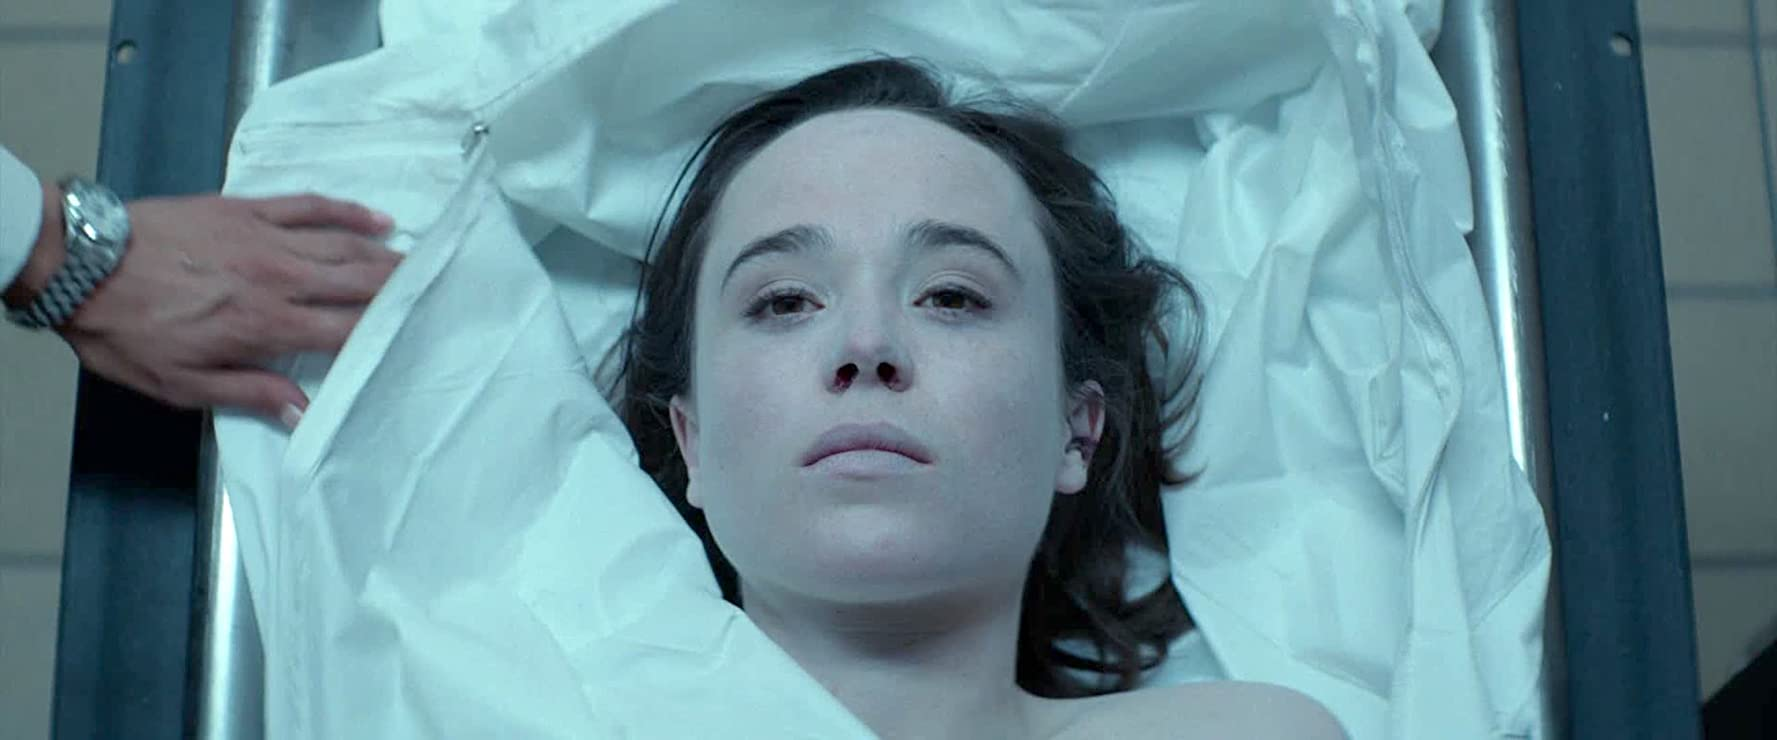 Ellen Page in Flatliners (2017)